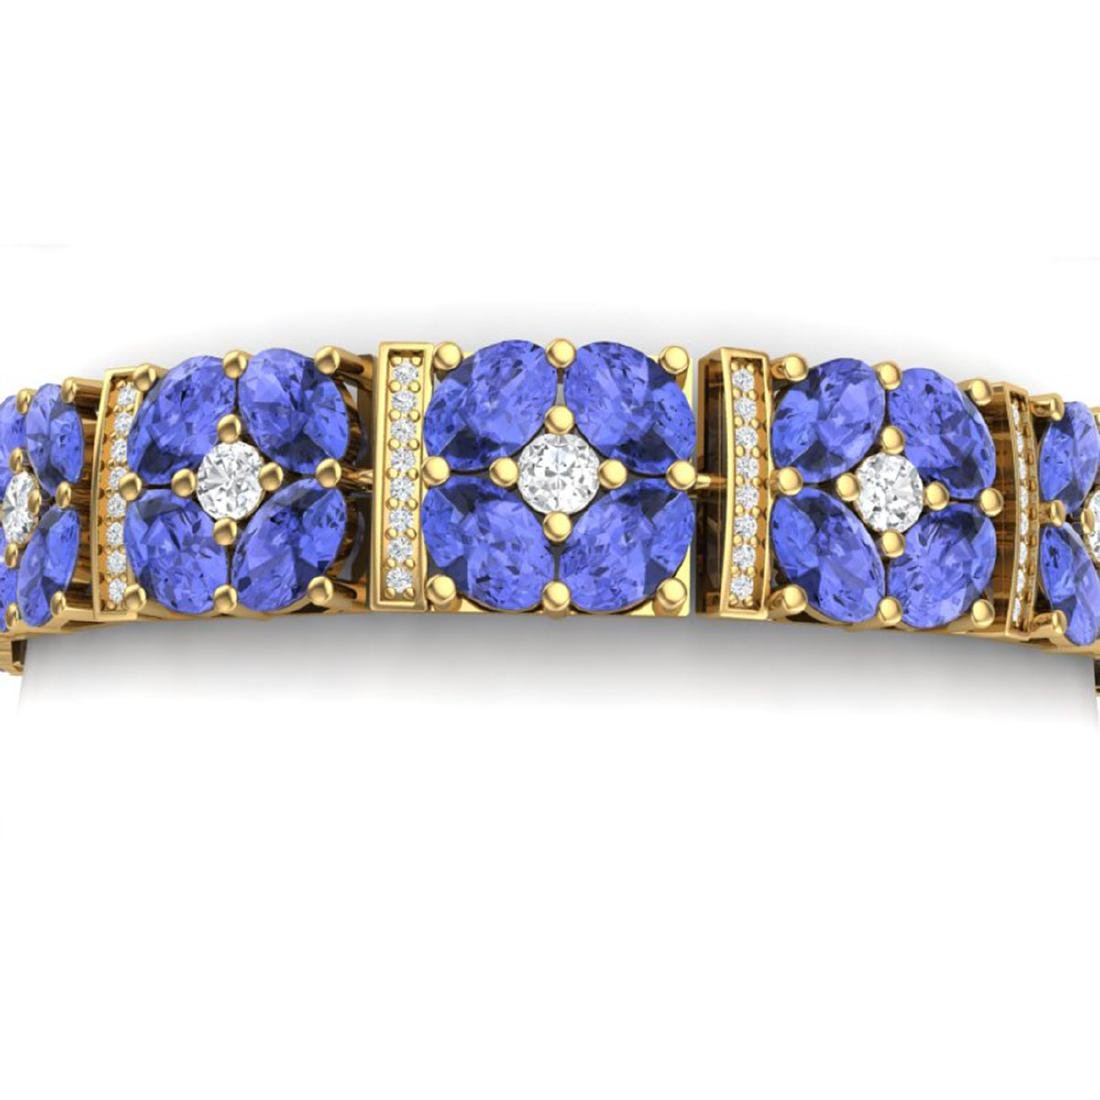 30.98 CTW Royalty Tanzanite & VS Diamond Bracelet 18K